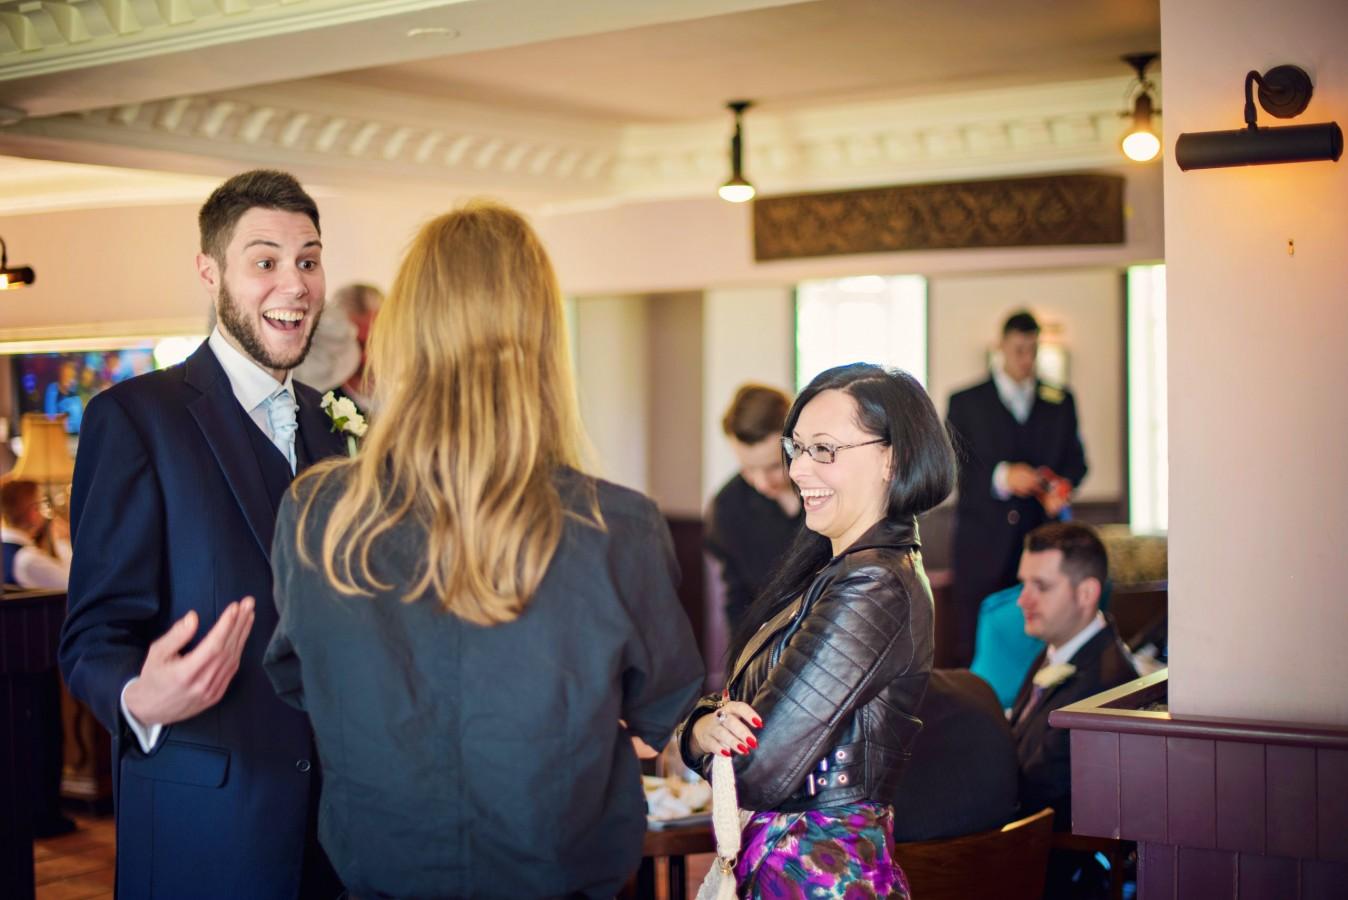 Hampshire Wedding Photographer - GK Photography-48